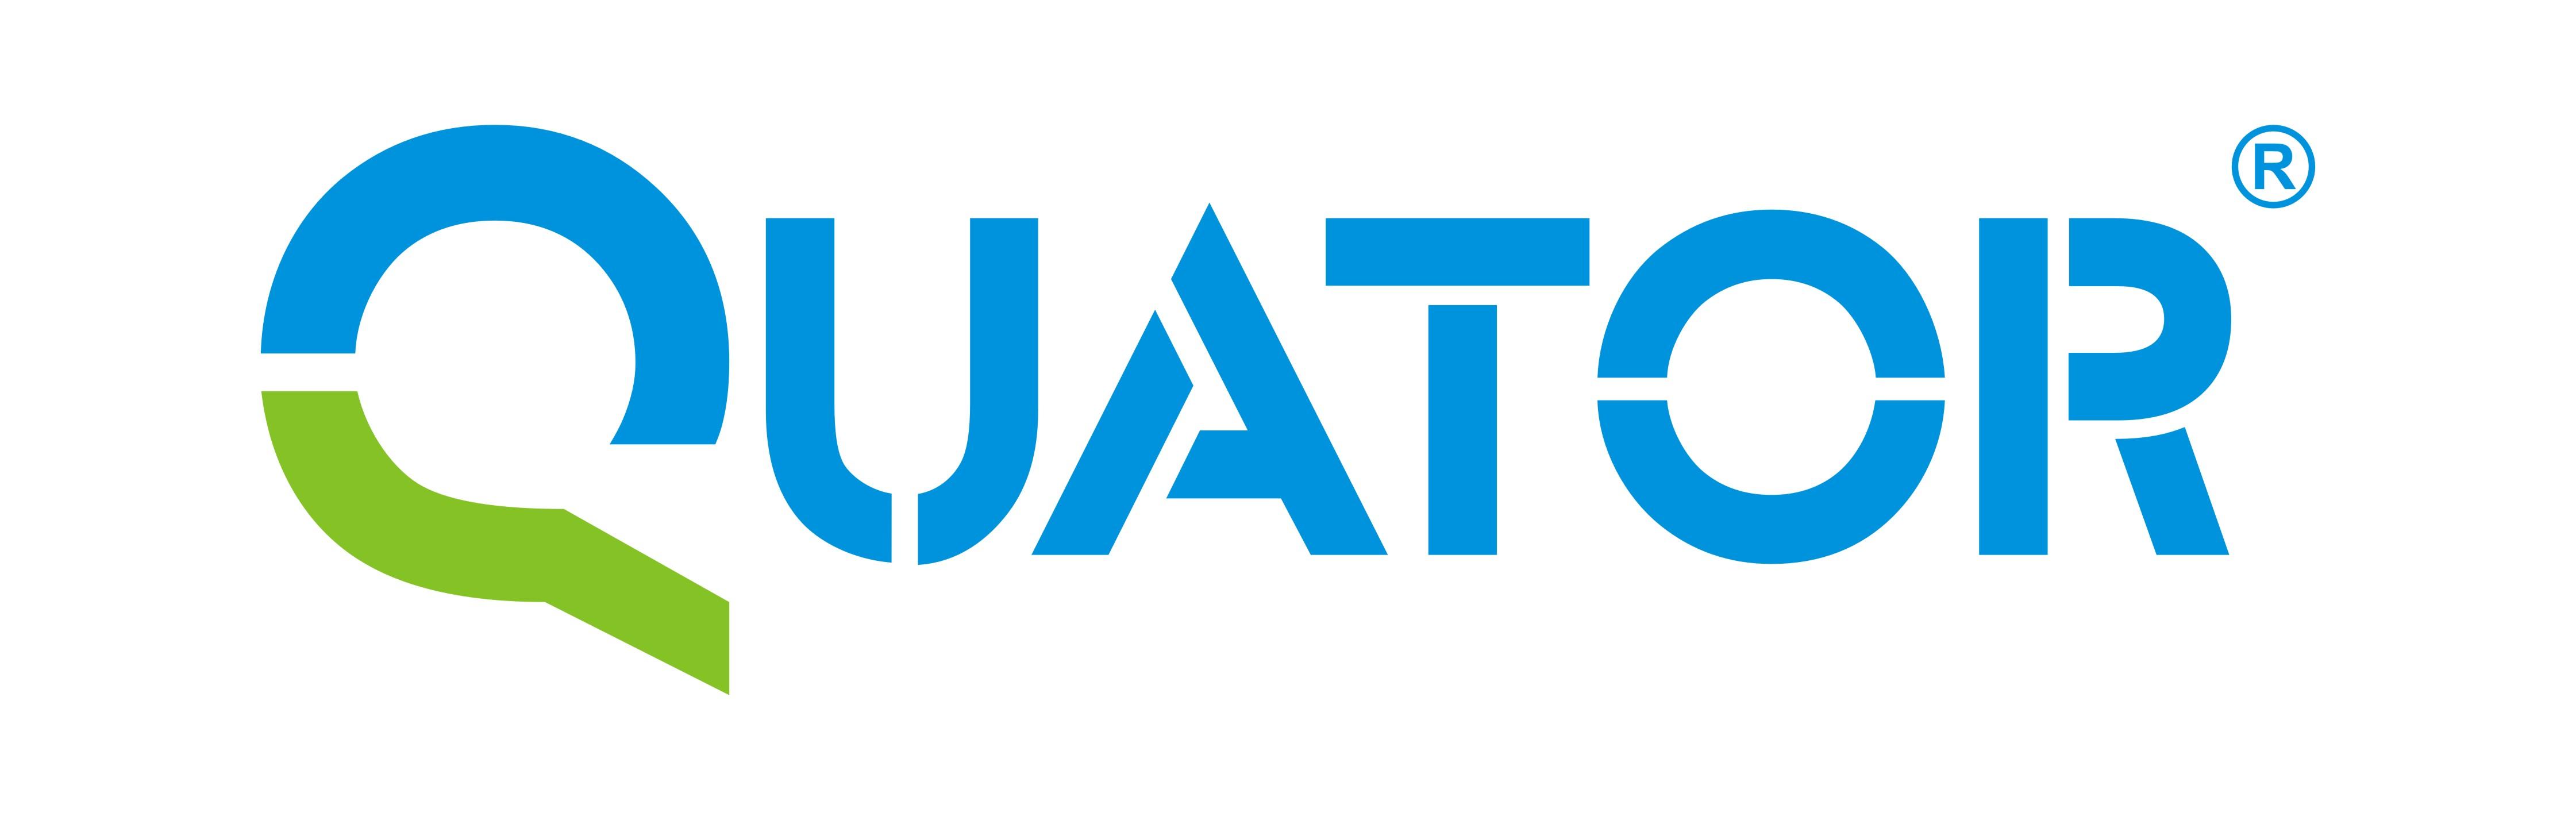 Quator 2013 - Quator